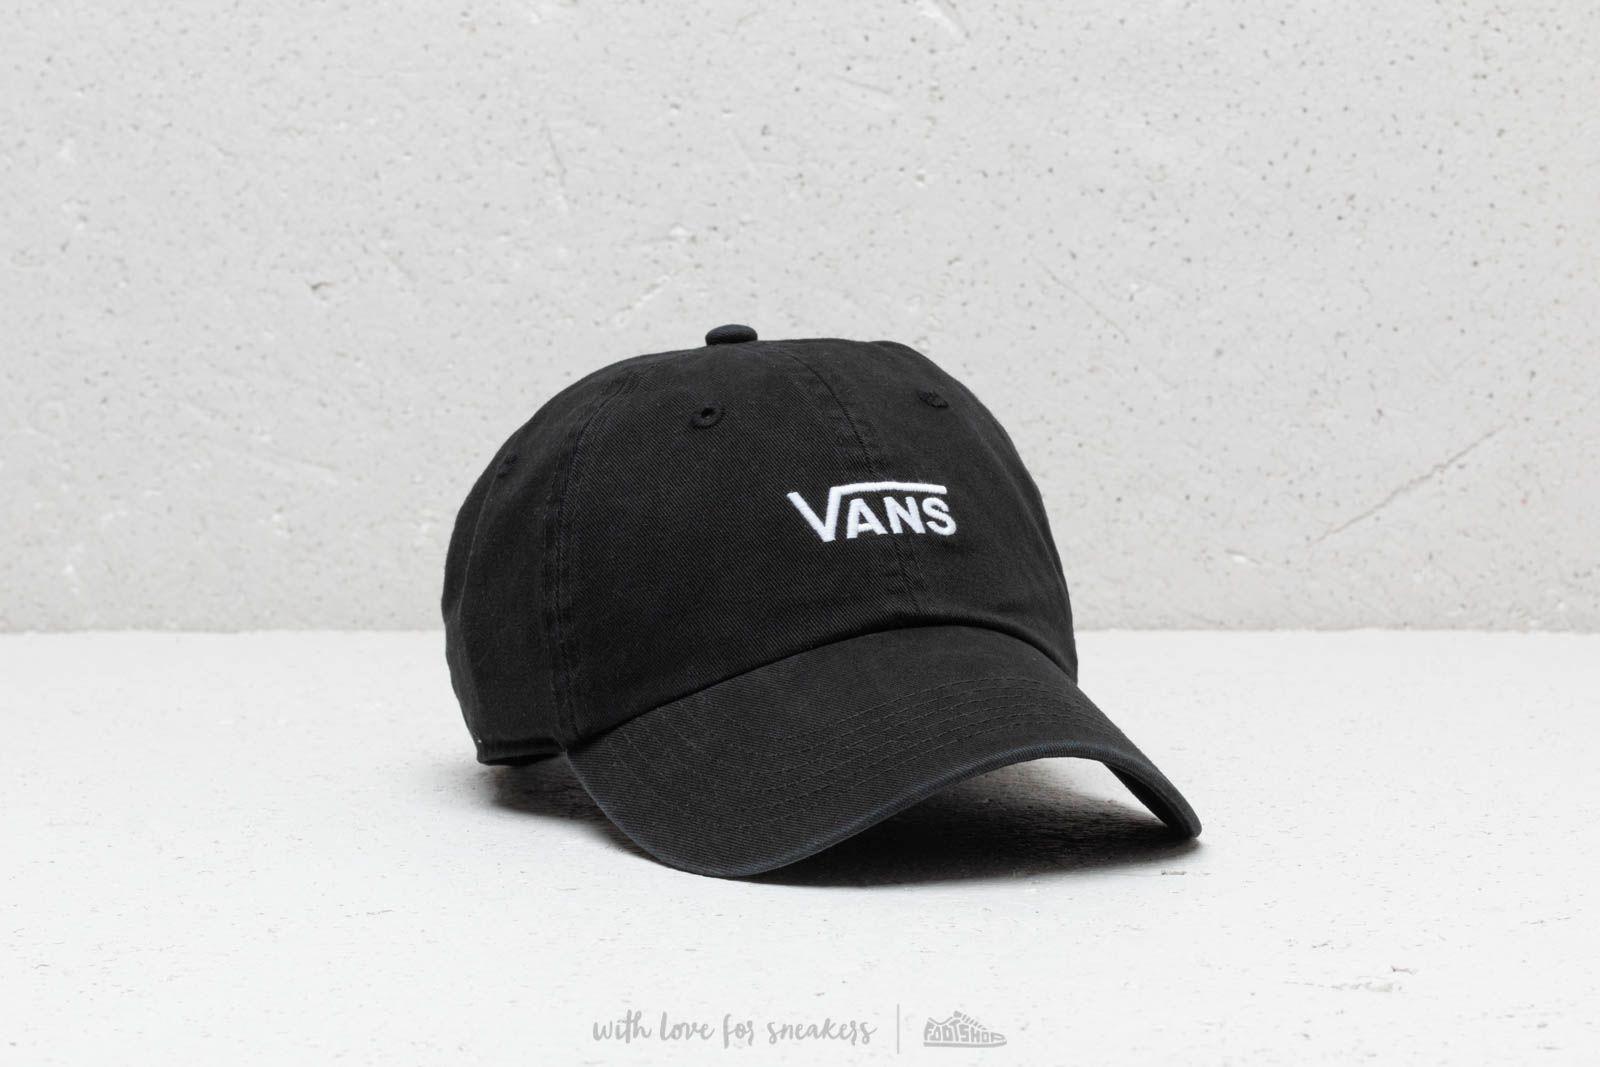 Čepice a kšiltovky Vans Court Side Hat Black/ White